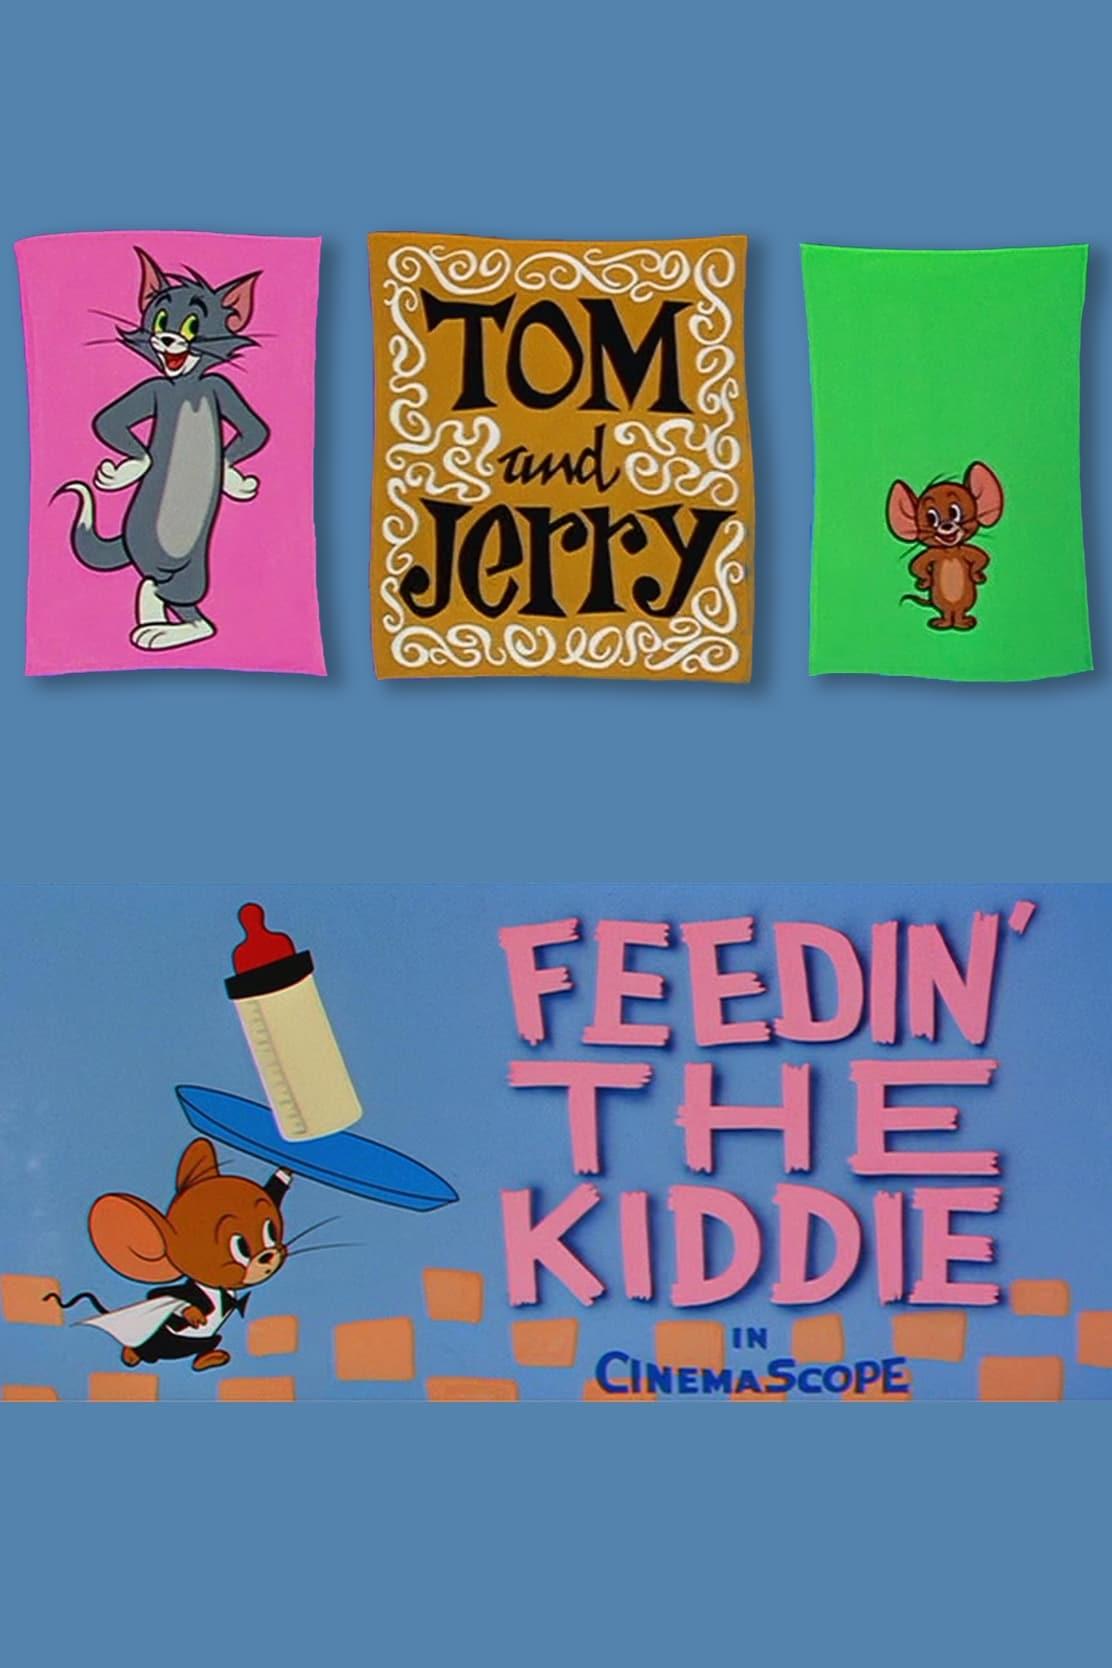 Feedin' the Kiddie